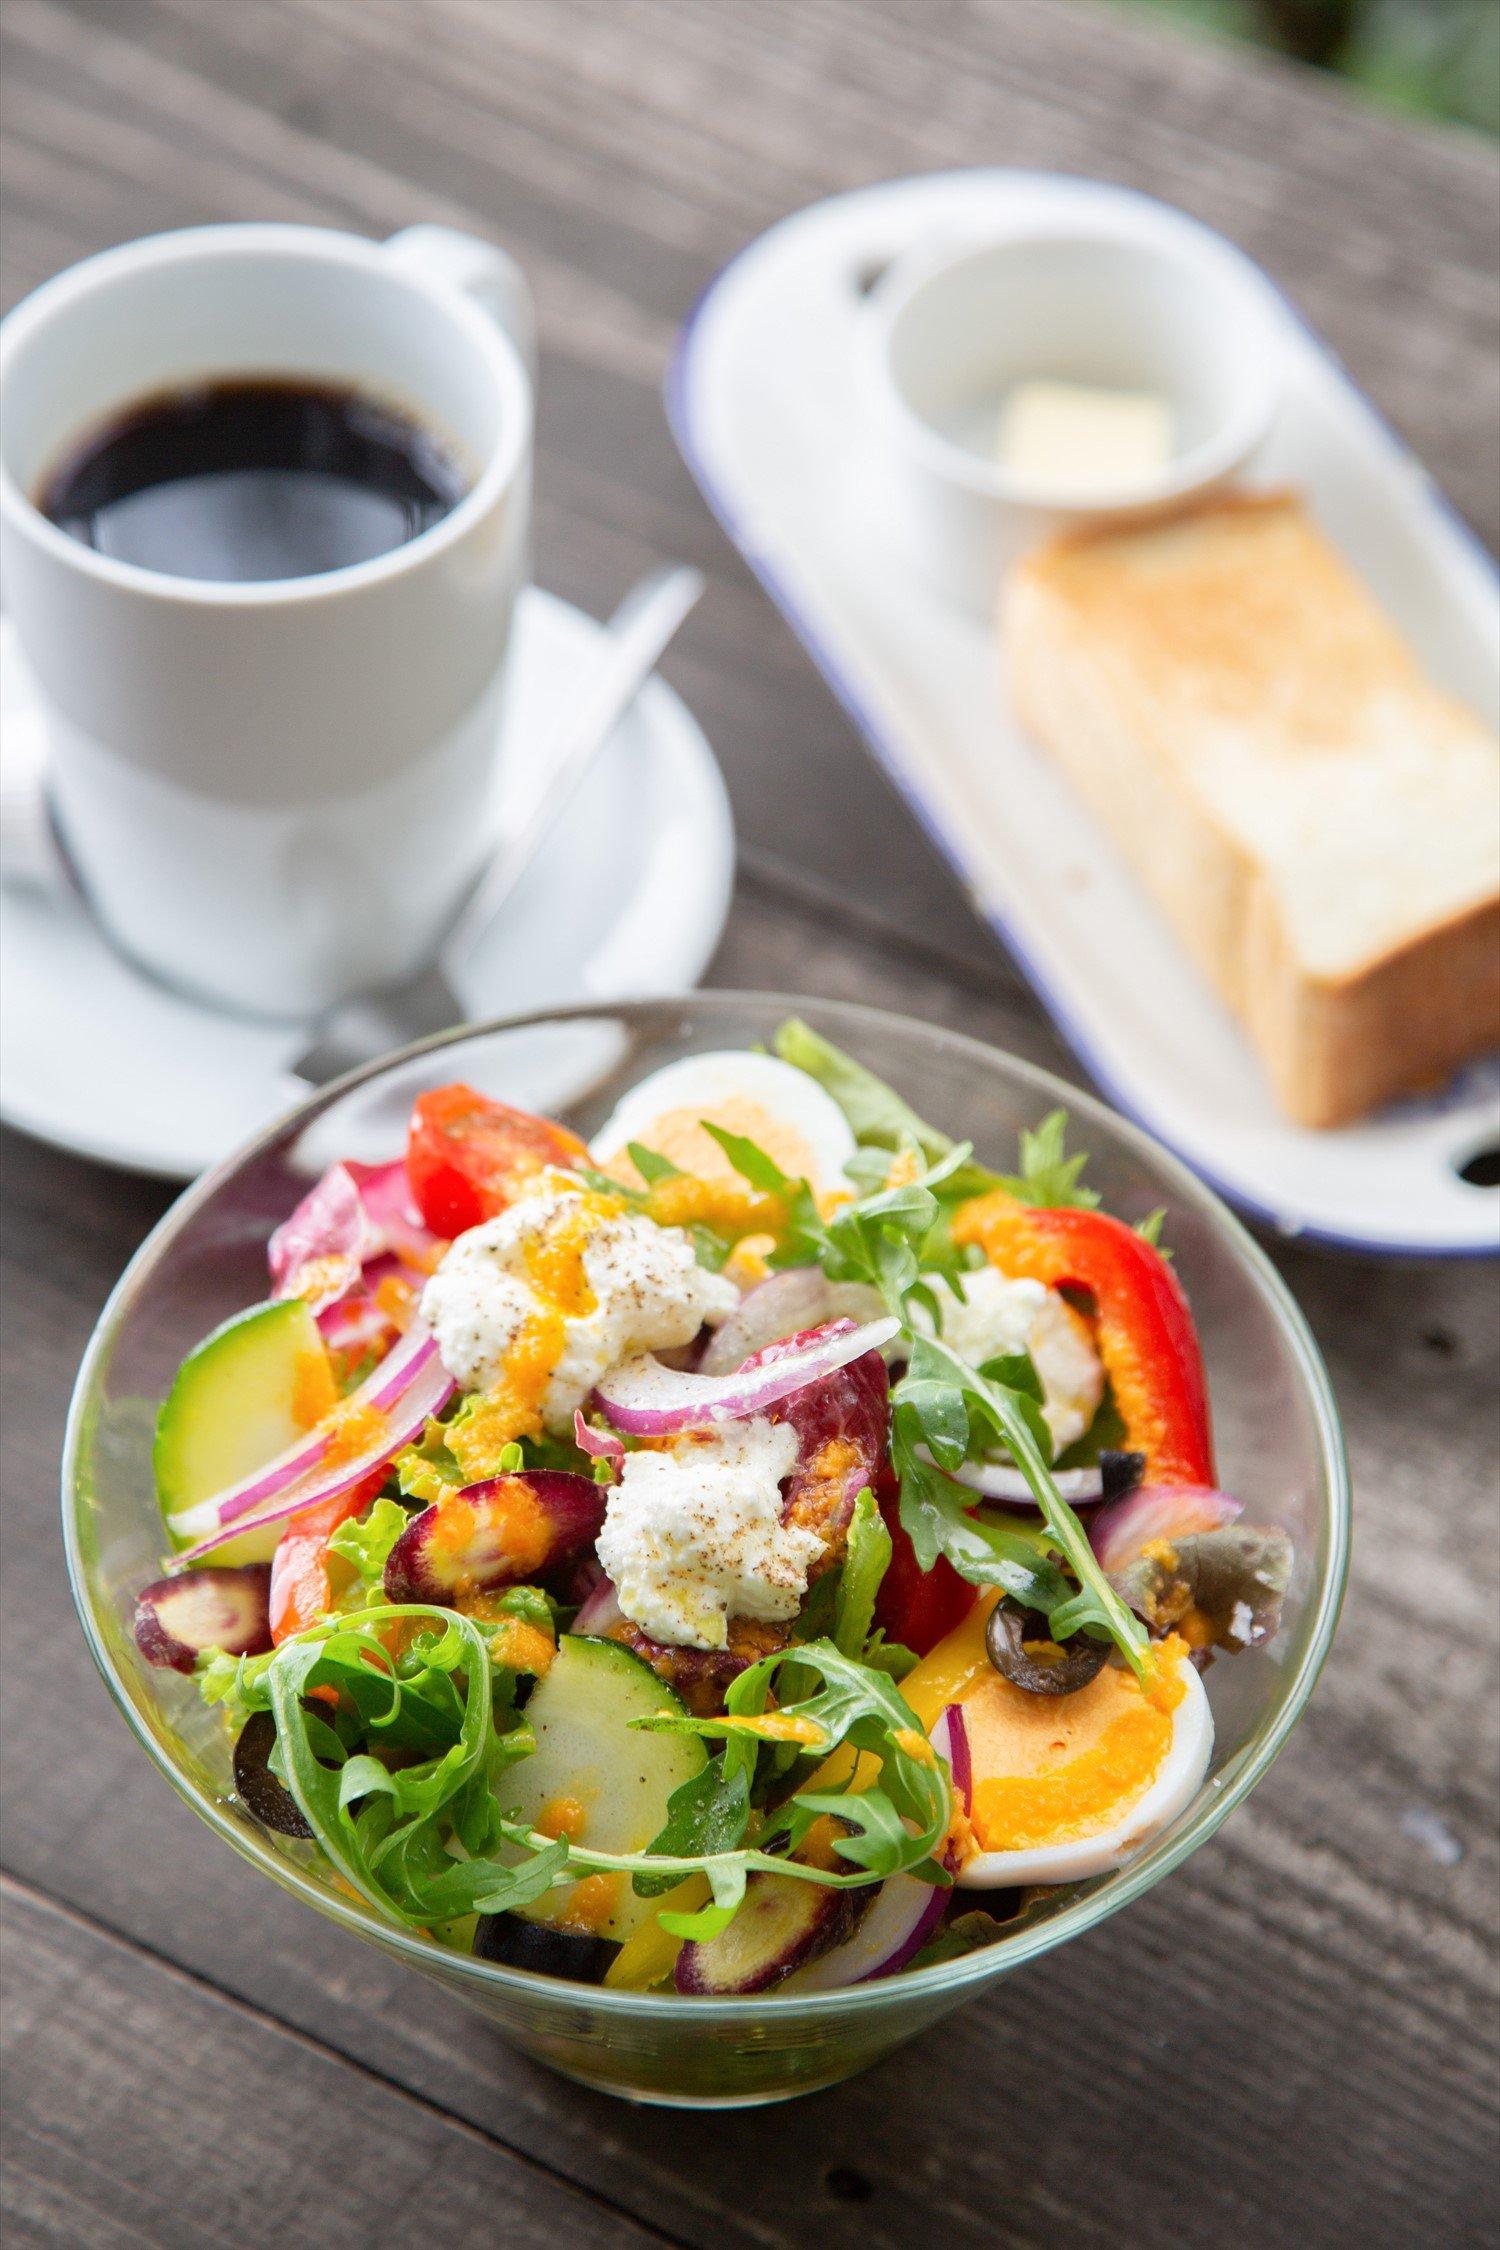 ガーデンサラダのカフェセットは自家製パンのトースト付き1100円。